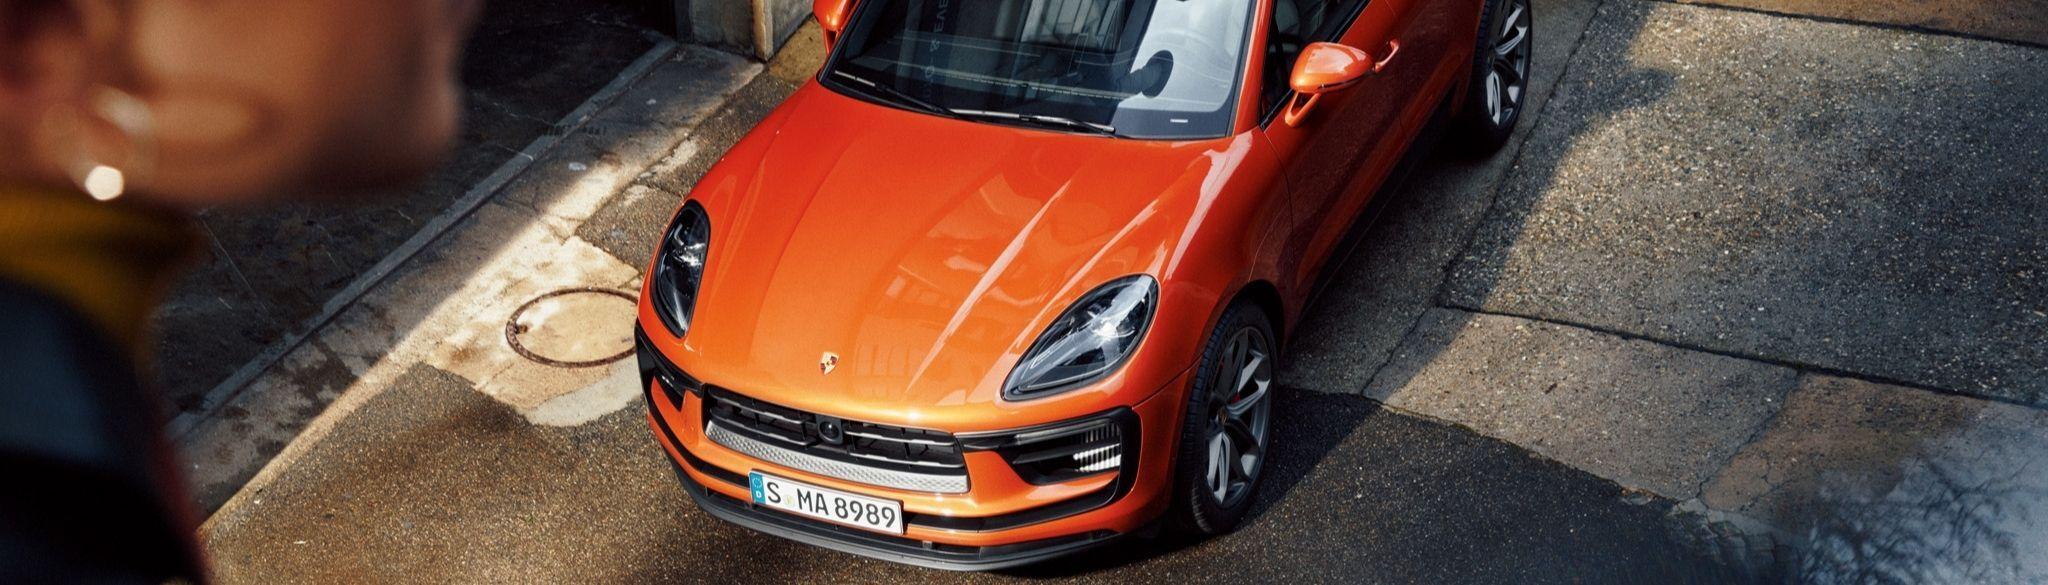 New Porsche Macan 2021